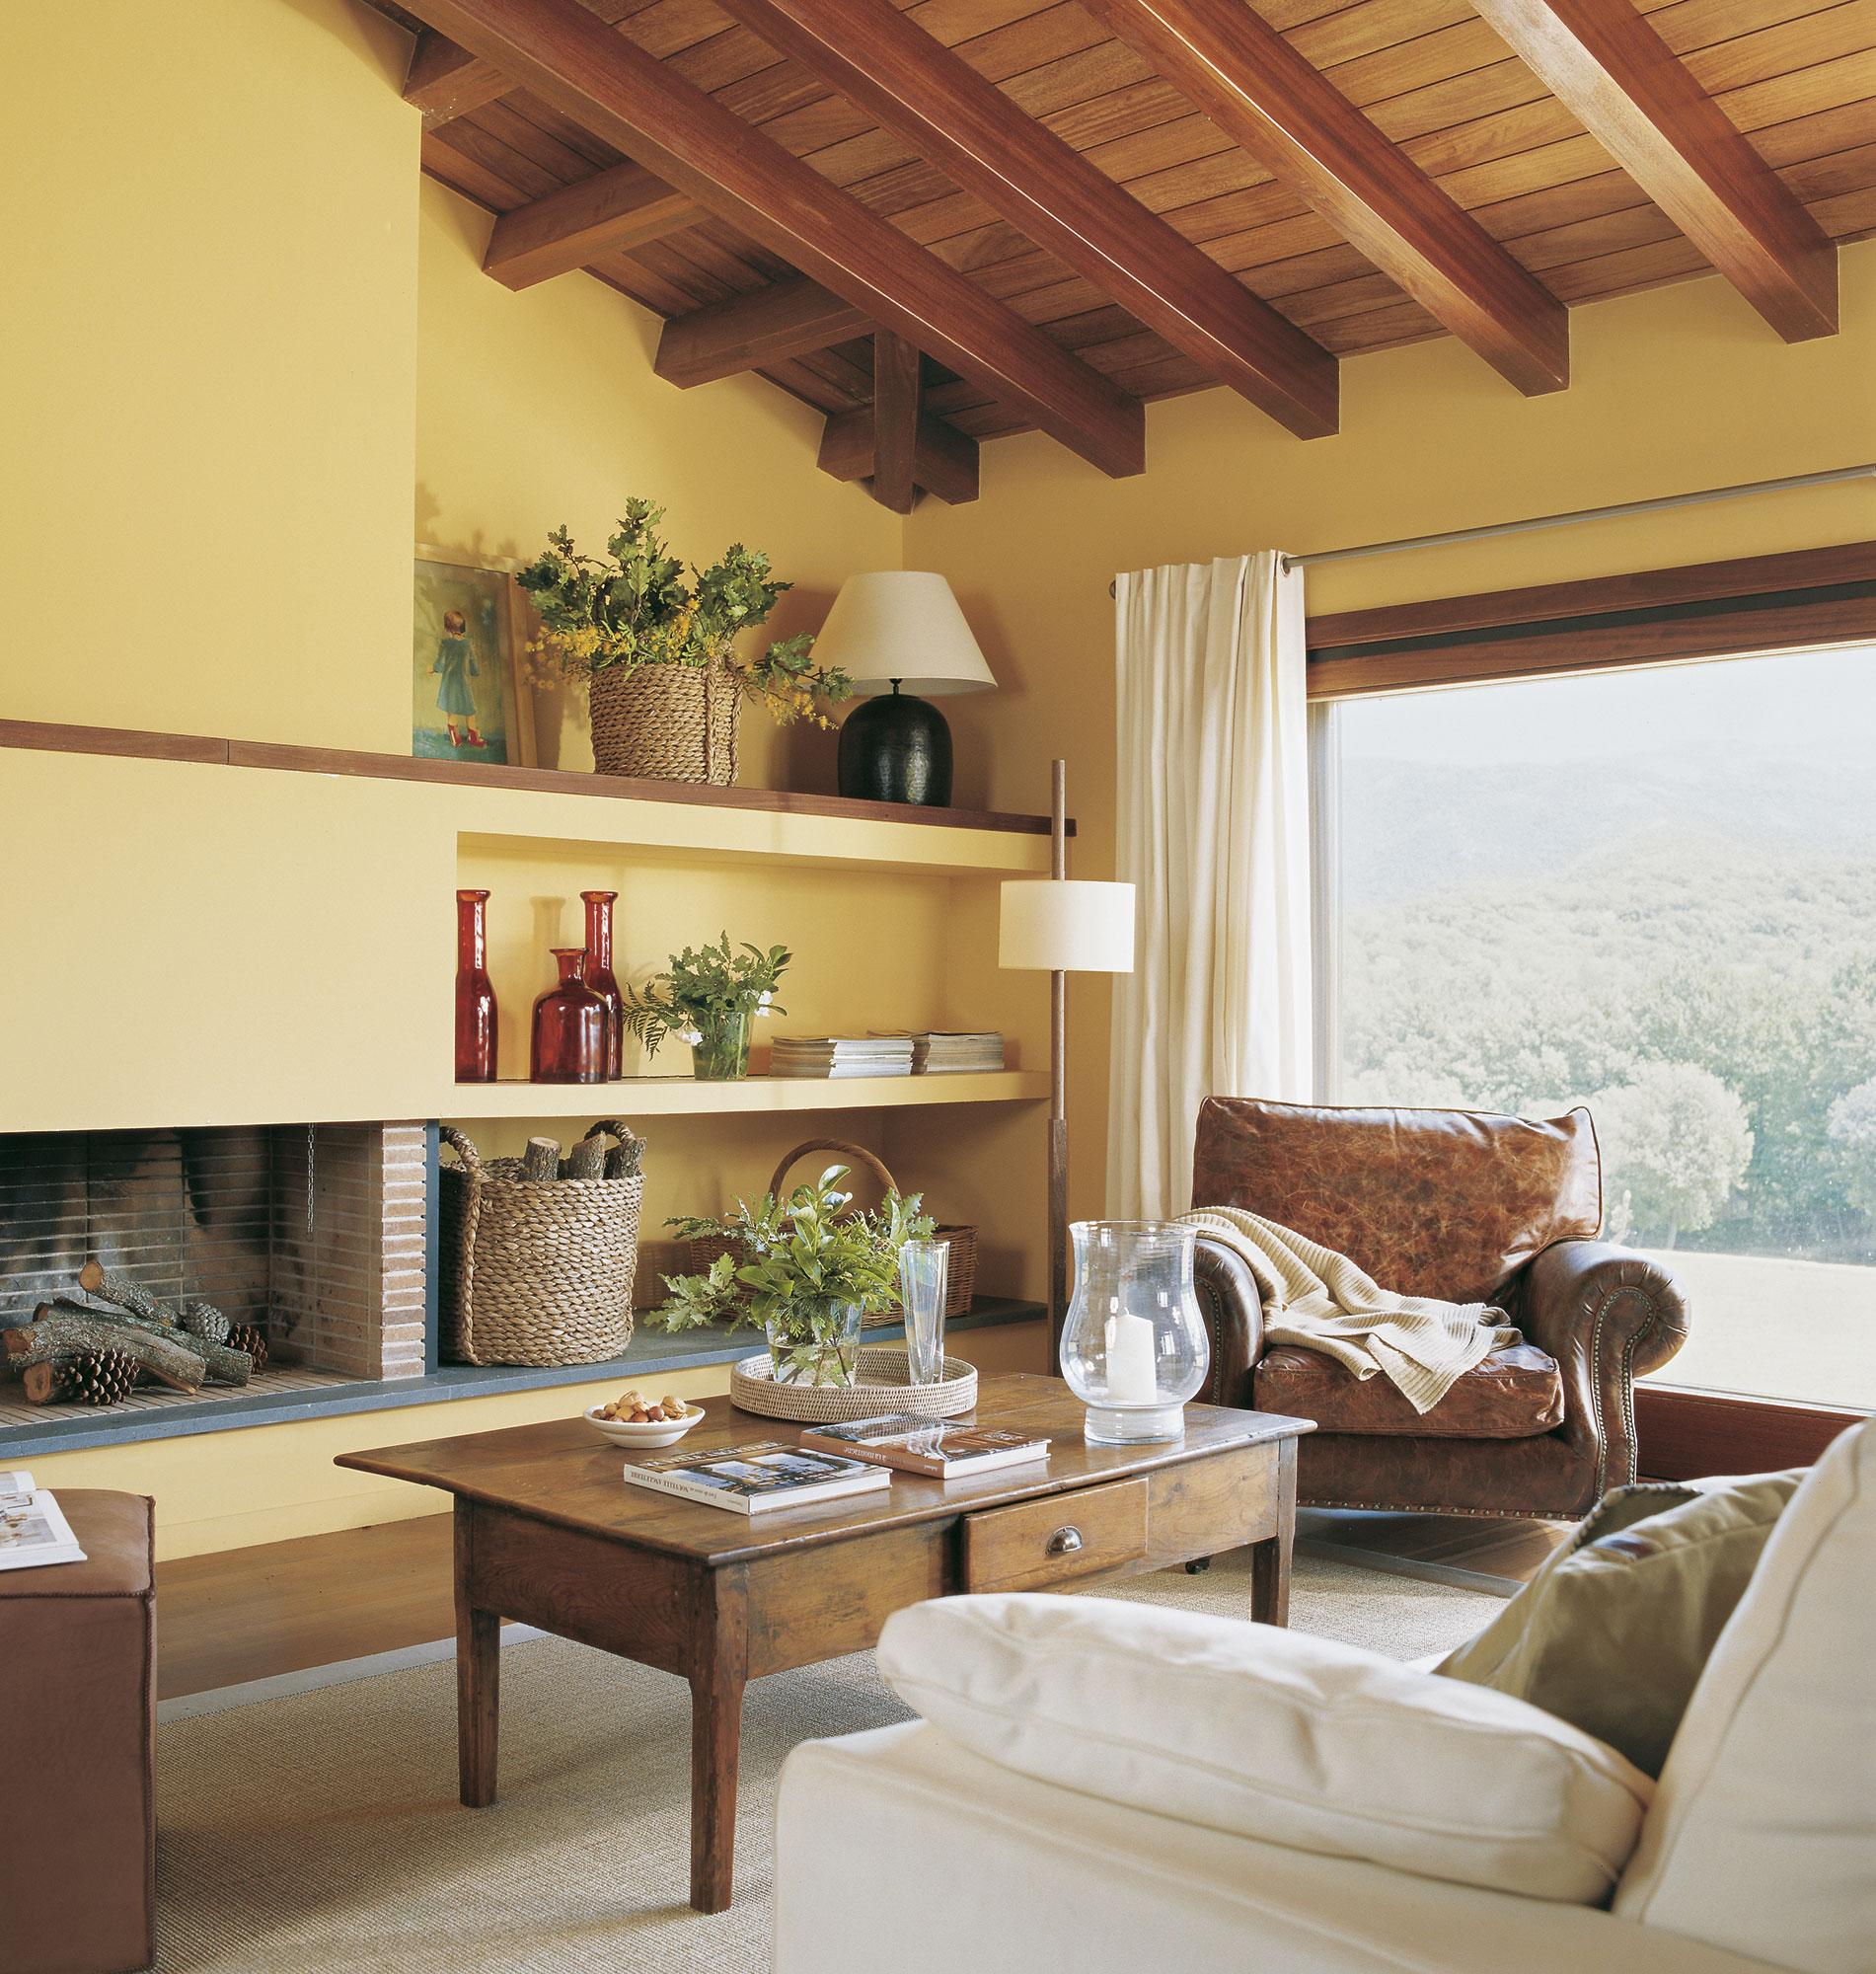 Pinturas para salones rusticos beautiful escalera con - Colores para pintar un salon rustico ...